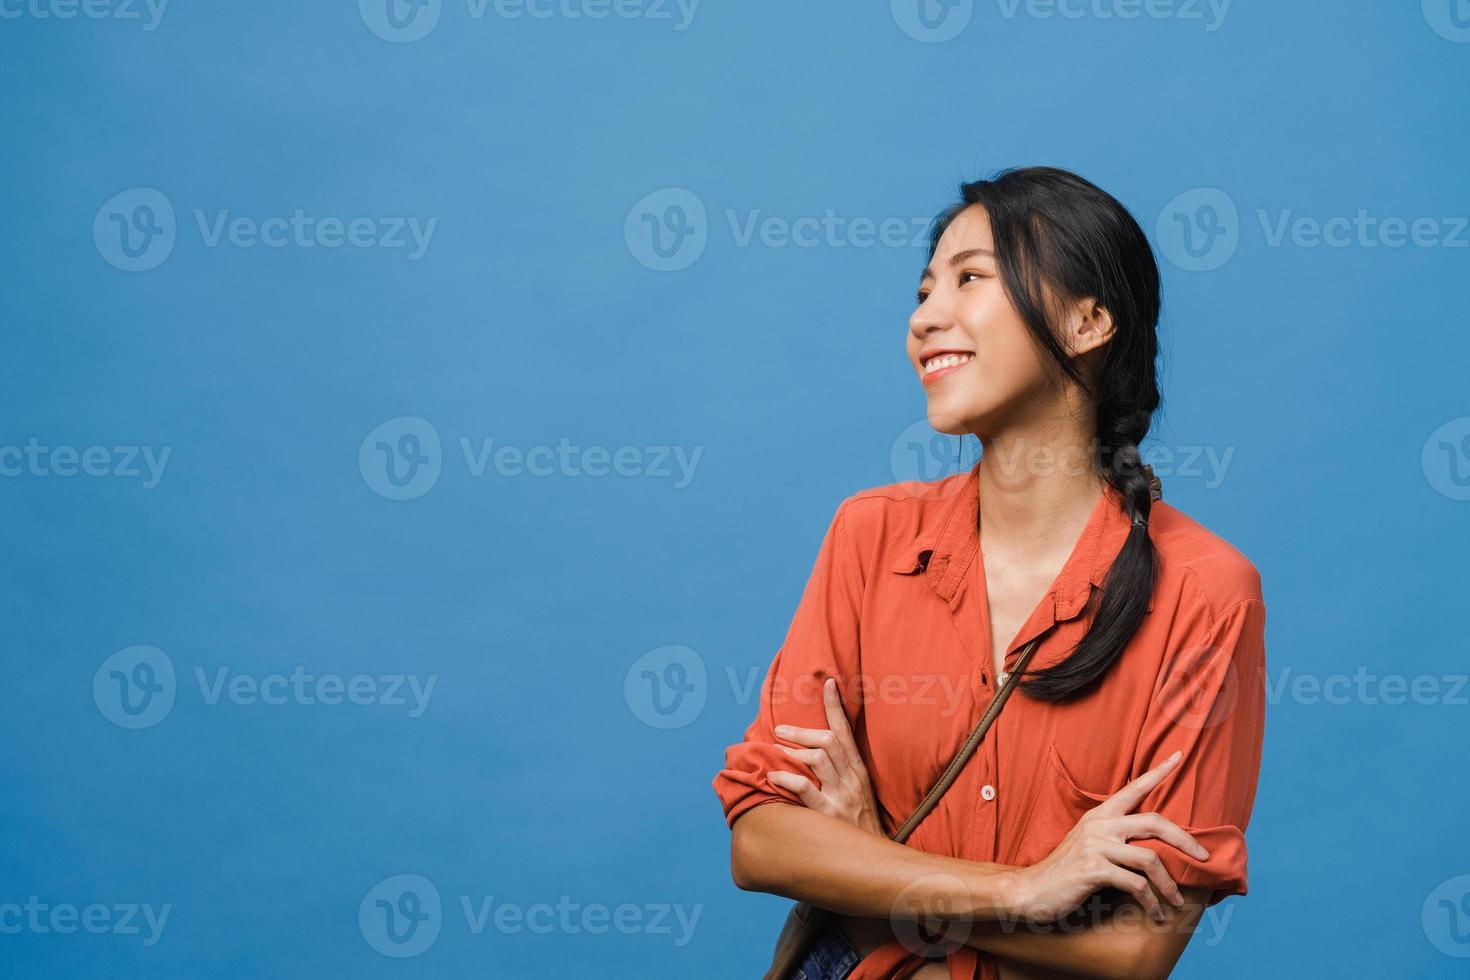 porträtt av ung asiatisk dam med positivt uttryck, korsade armar, le brett, klädd i avslappnad trasa över blå bakgrund. glad förtjusande glad kvinna jublar över framgång. ansiktsuttryck koncept. foto